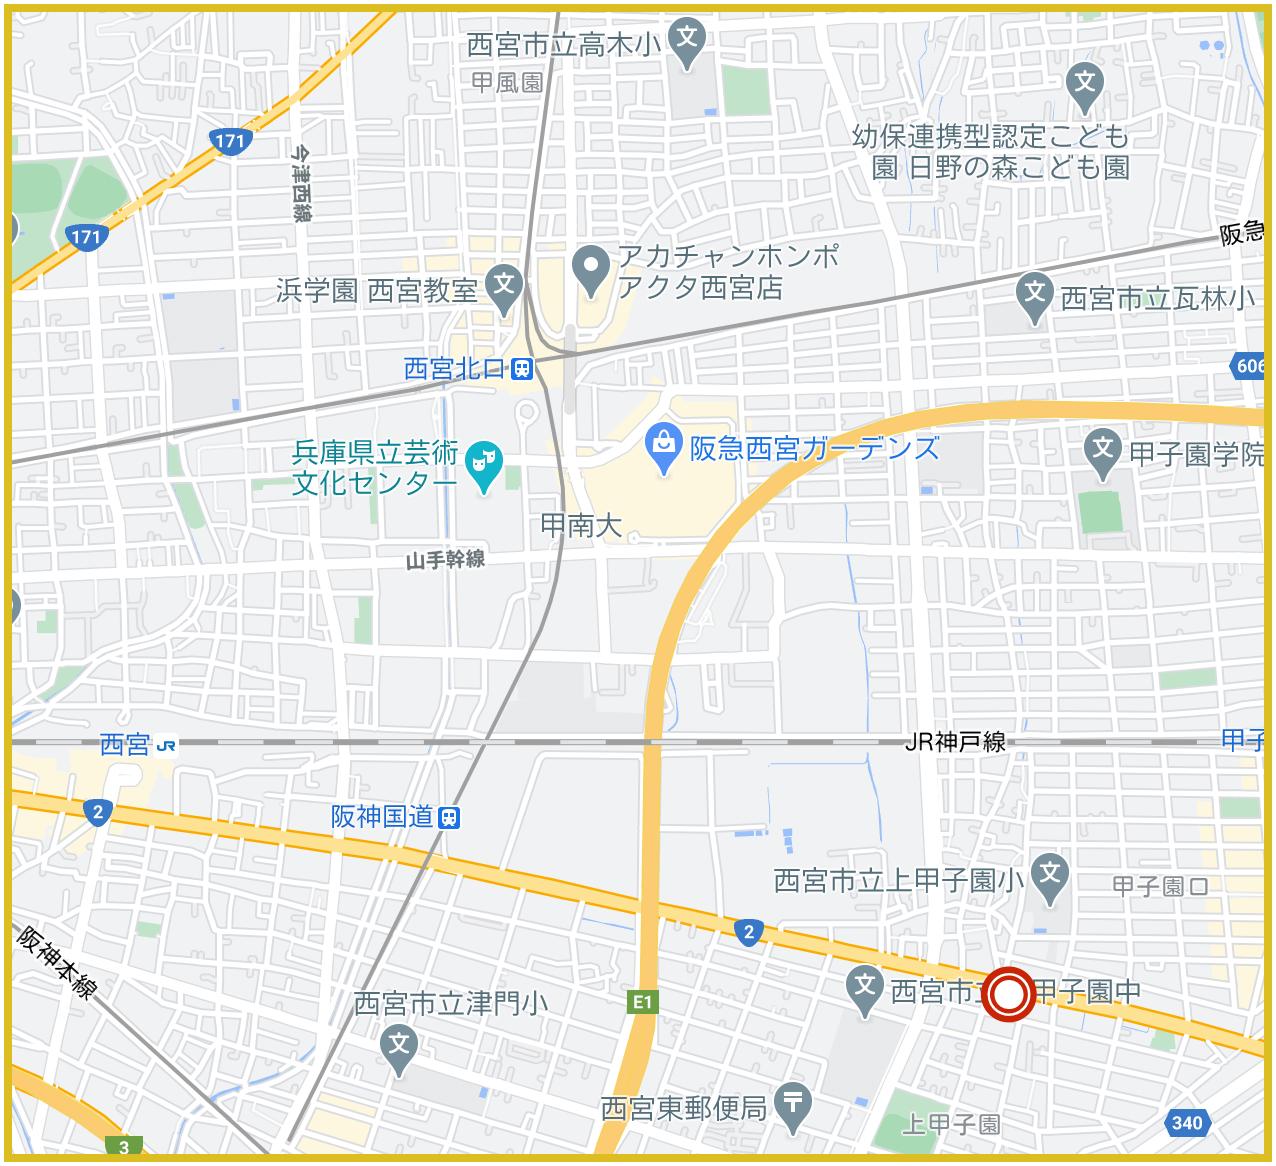 西宮市にあるプロミス店舗・ATMの位置